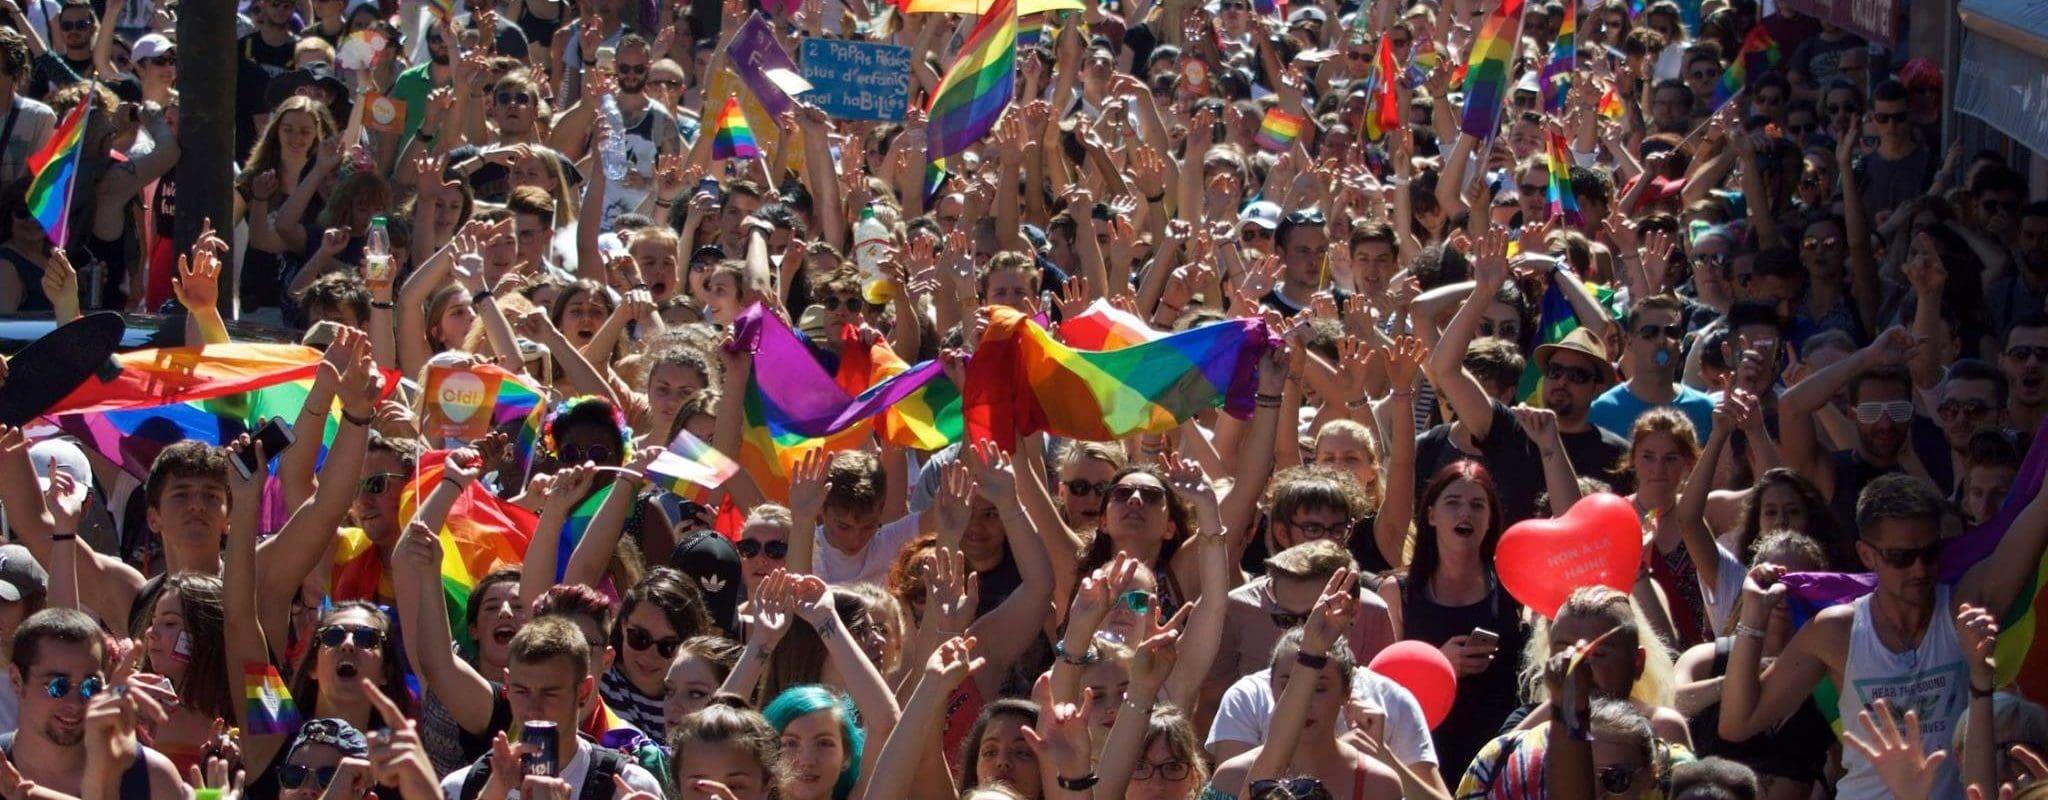 Du 17 mai au 17 juin, FestiGays alerte sur les discriminations contre les familles homoparentales